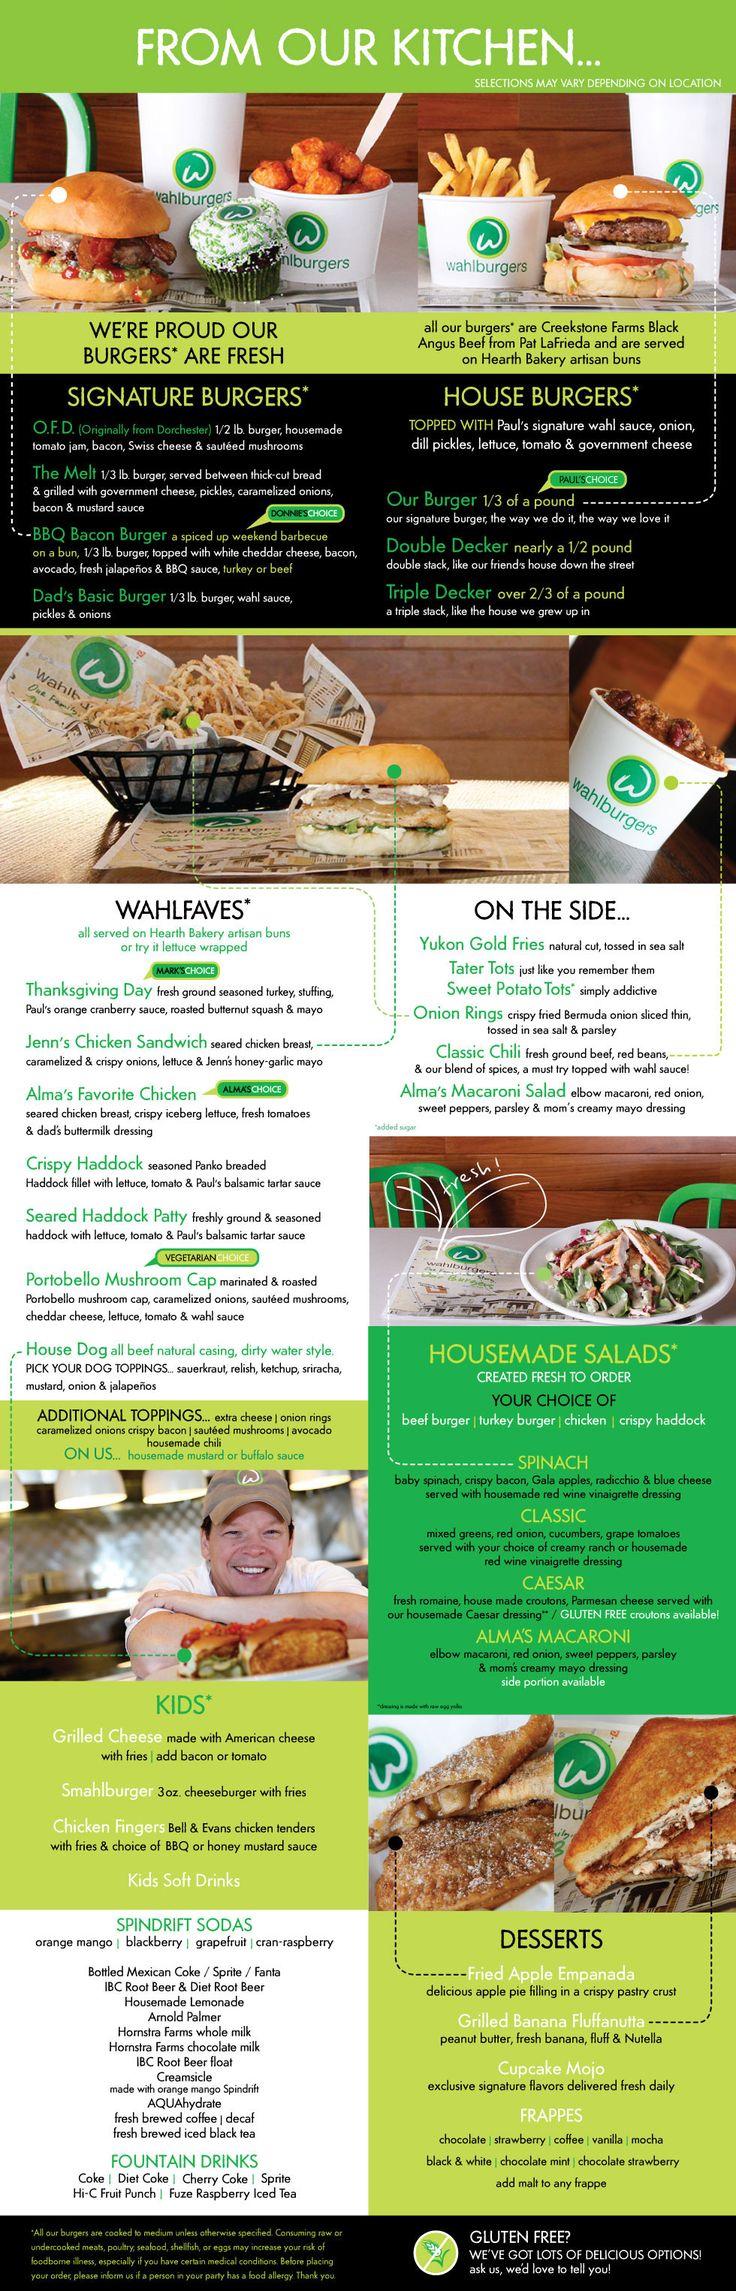 29 best Restaurant Reviews/Fav Dishes images on Pinterest ...